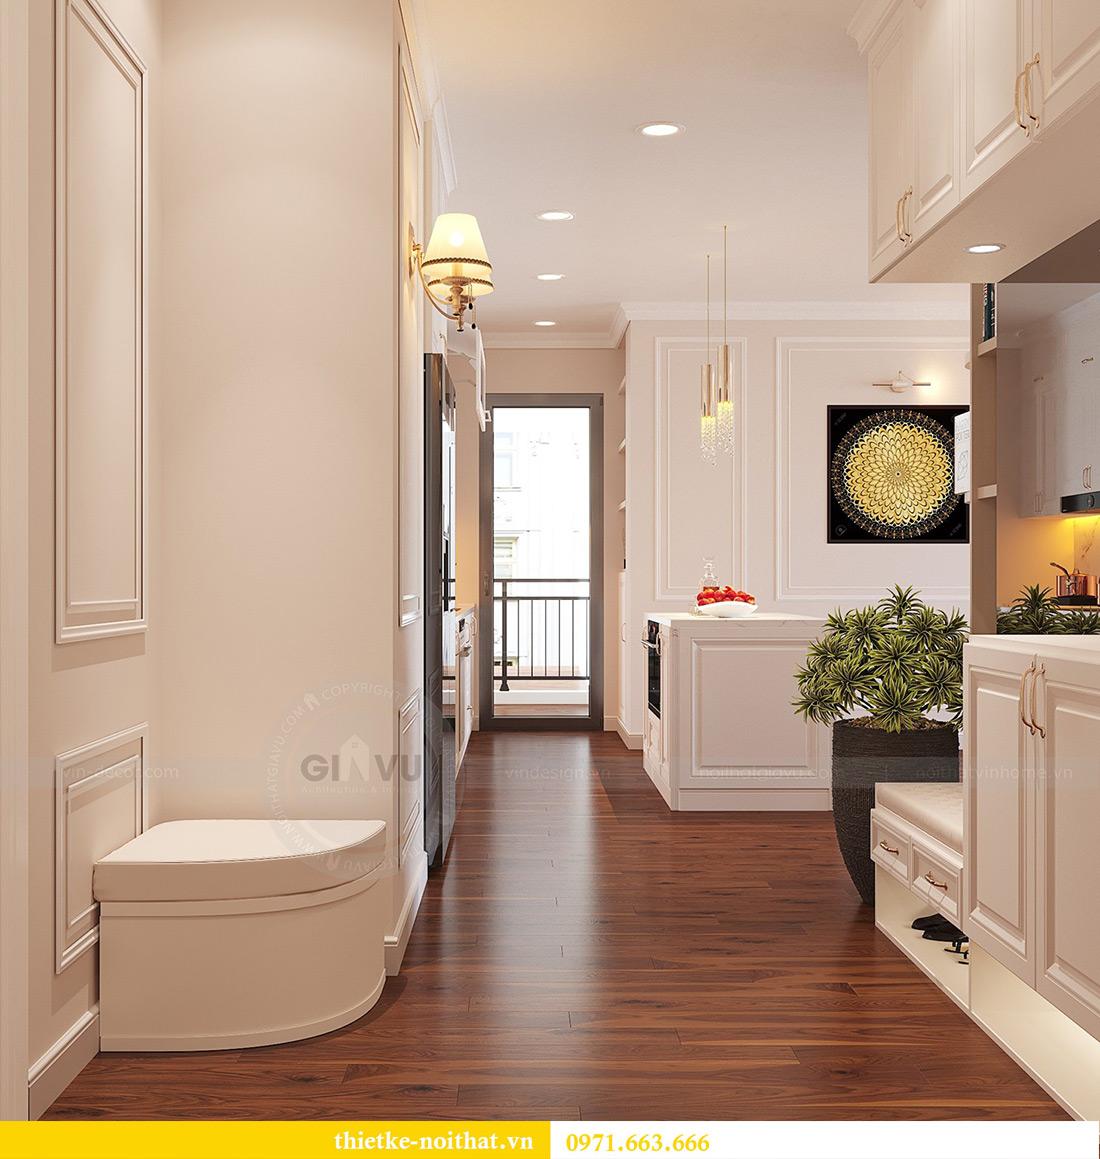 Thiết kế nội thất căn hộ Vinhomes Green Bay tinh tế sang trọng 1